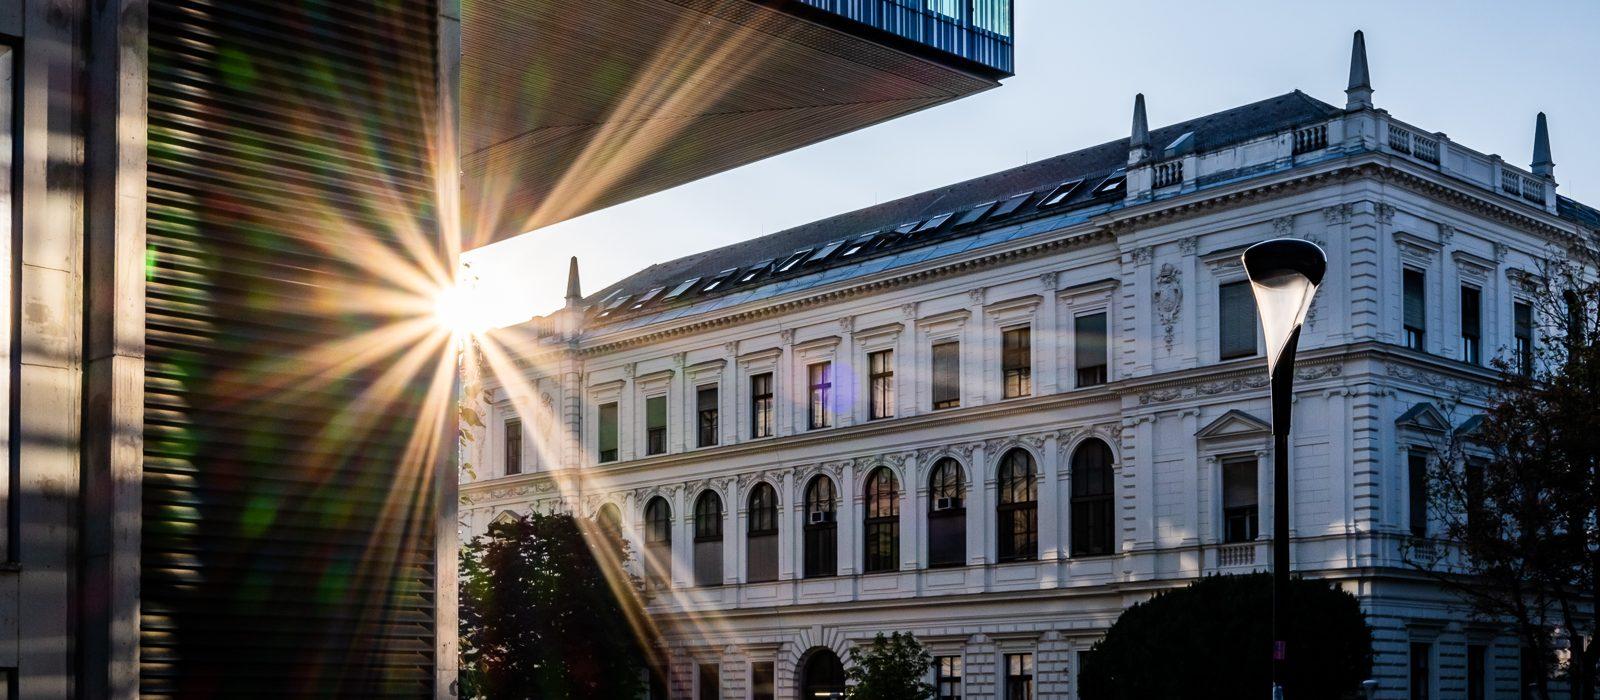 Sonnenuntergang Grazer Universität mit Sonnensternen, altem und neuen Gebäuden